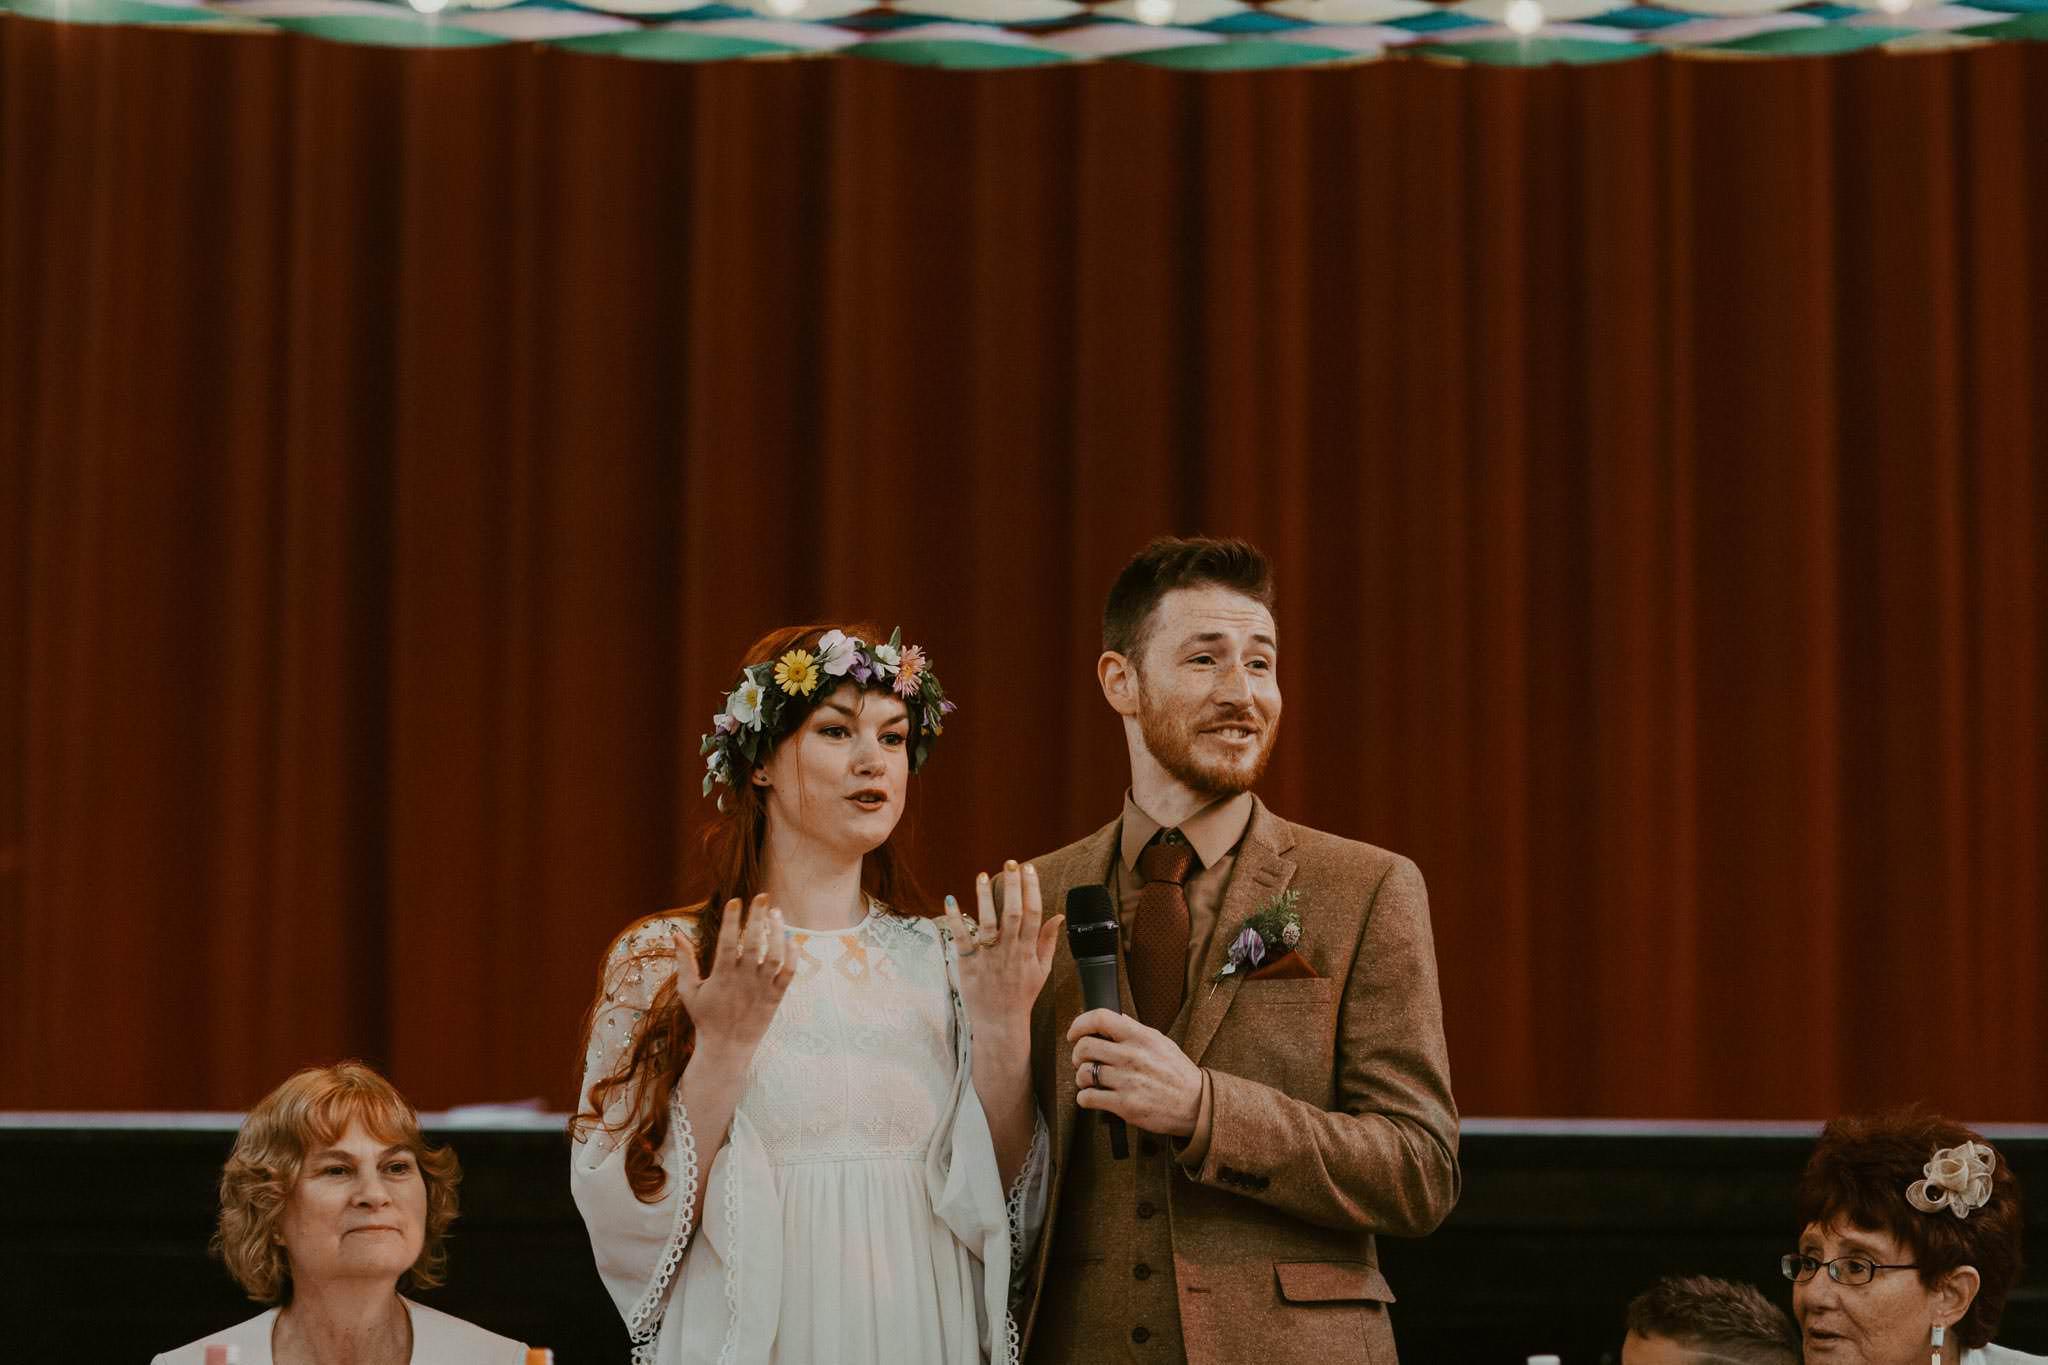 scottish-wedding-photography-134